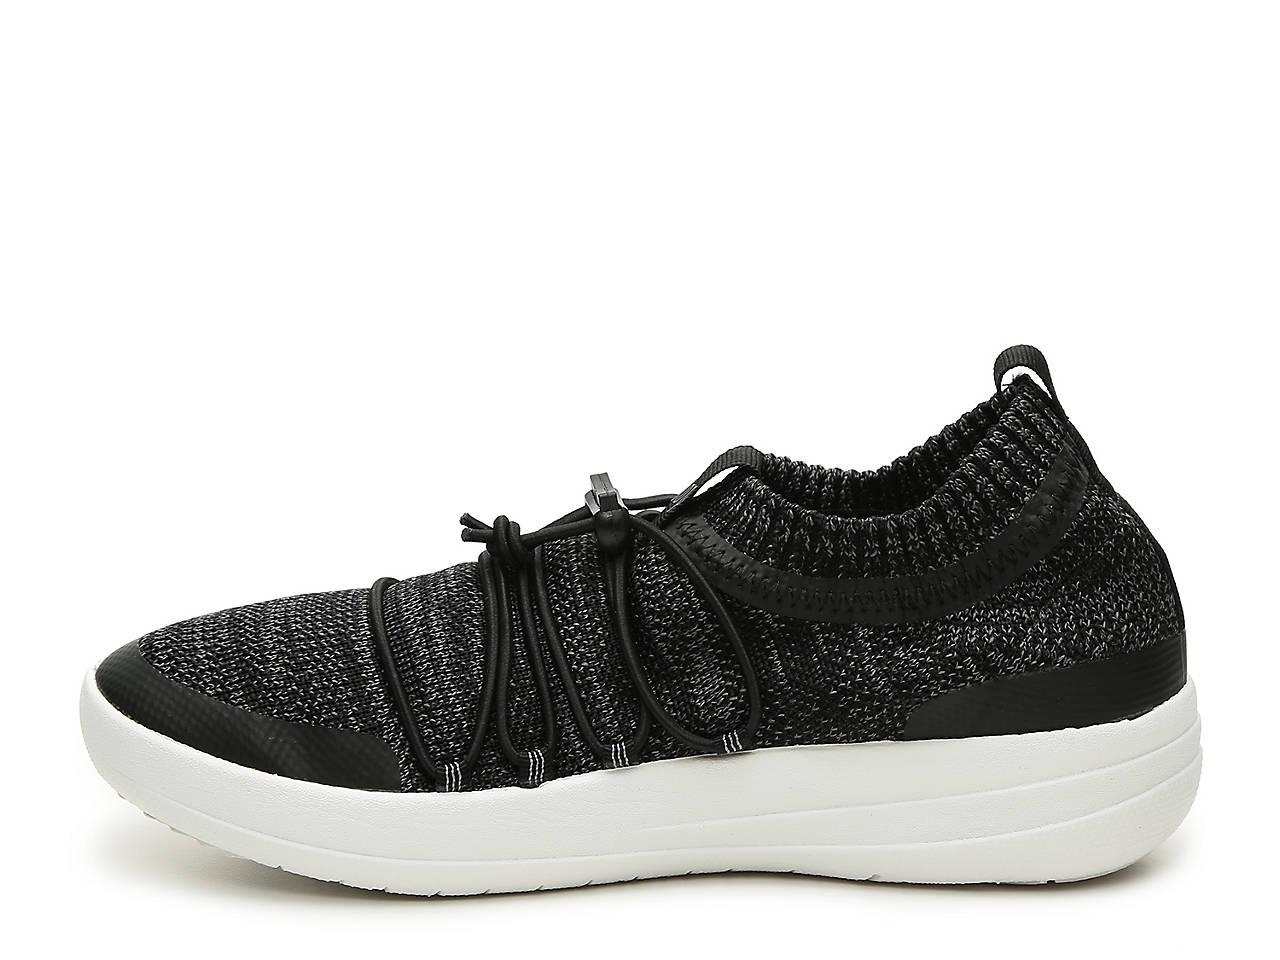 943bc9e7e772 FitFlop Uberknit Ghillie Slip-On Sneaker Women s Shoes